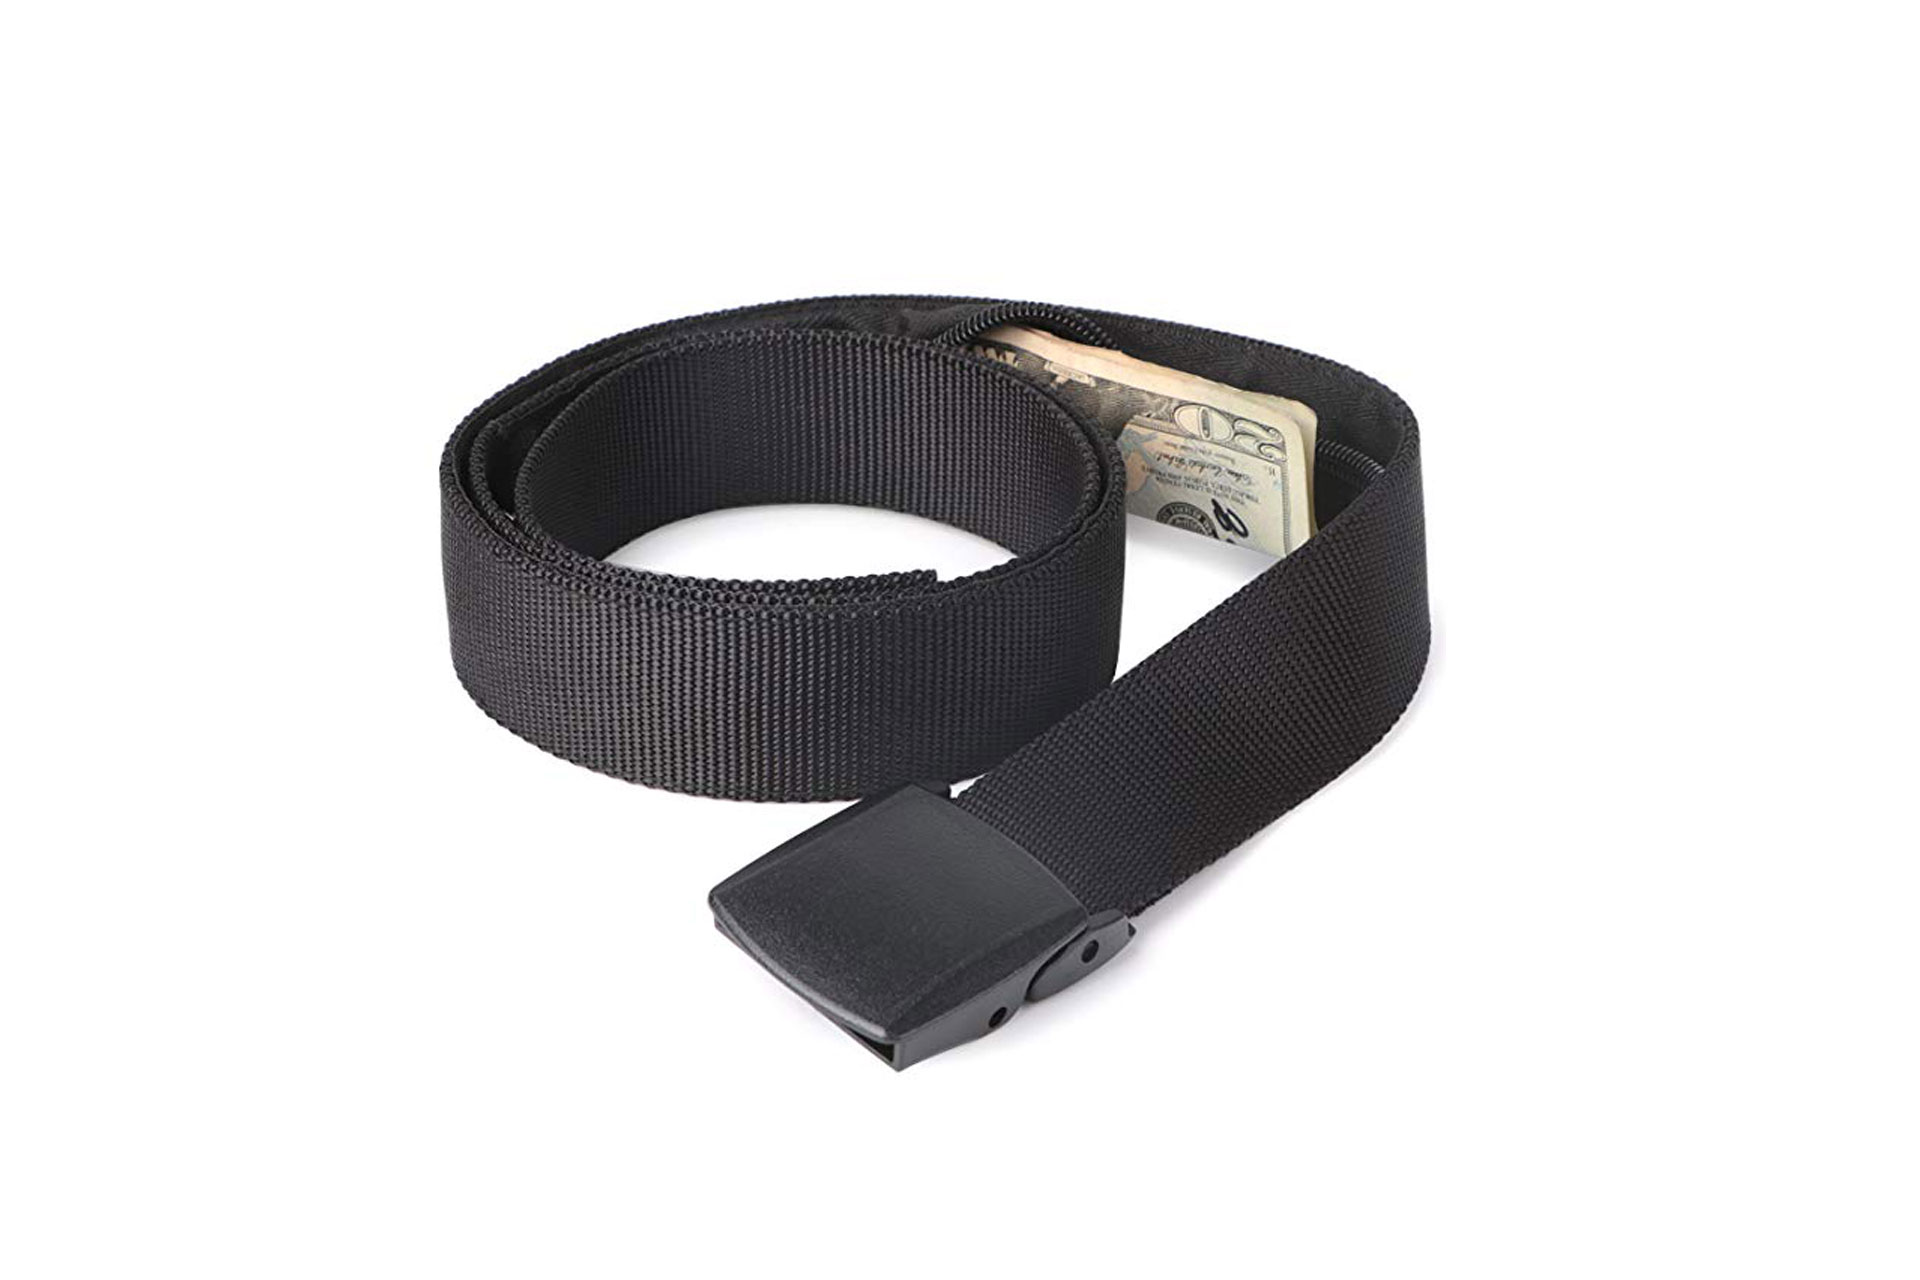 Anti-Theft Belt; Courtesy of Amazon